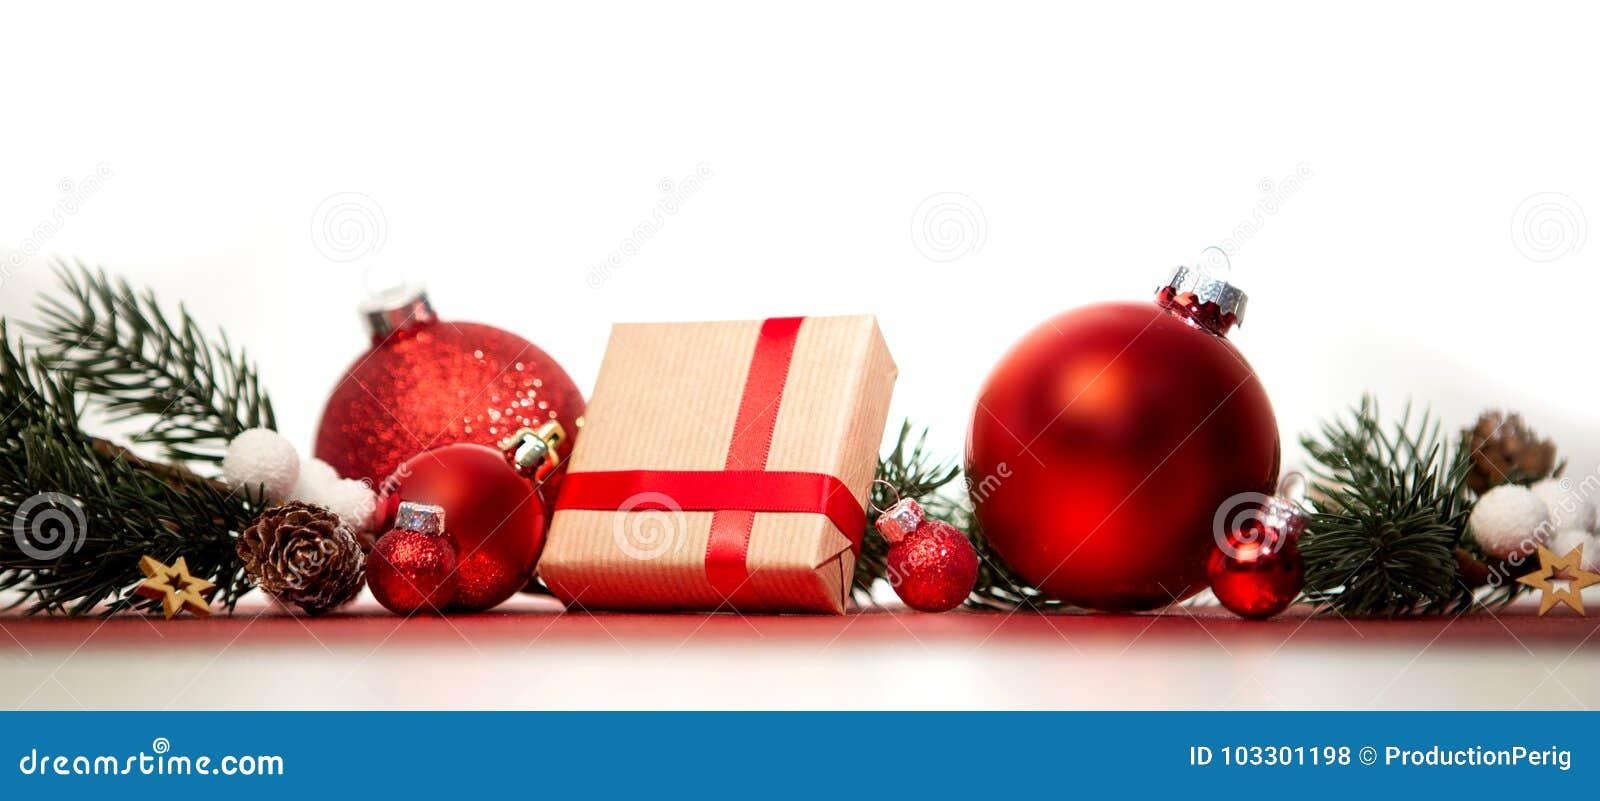 Julbakgrund med julbollar, gåvor och garnering